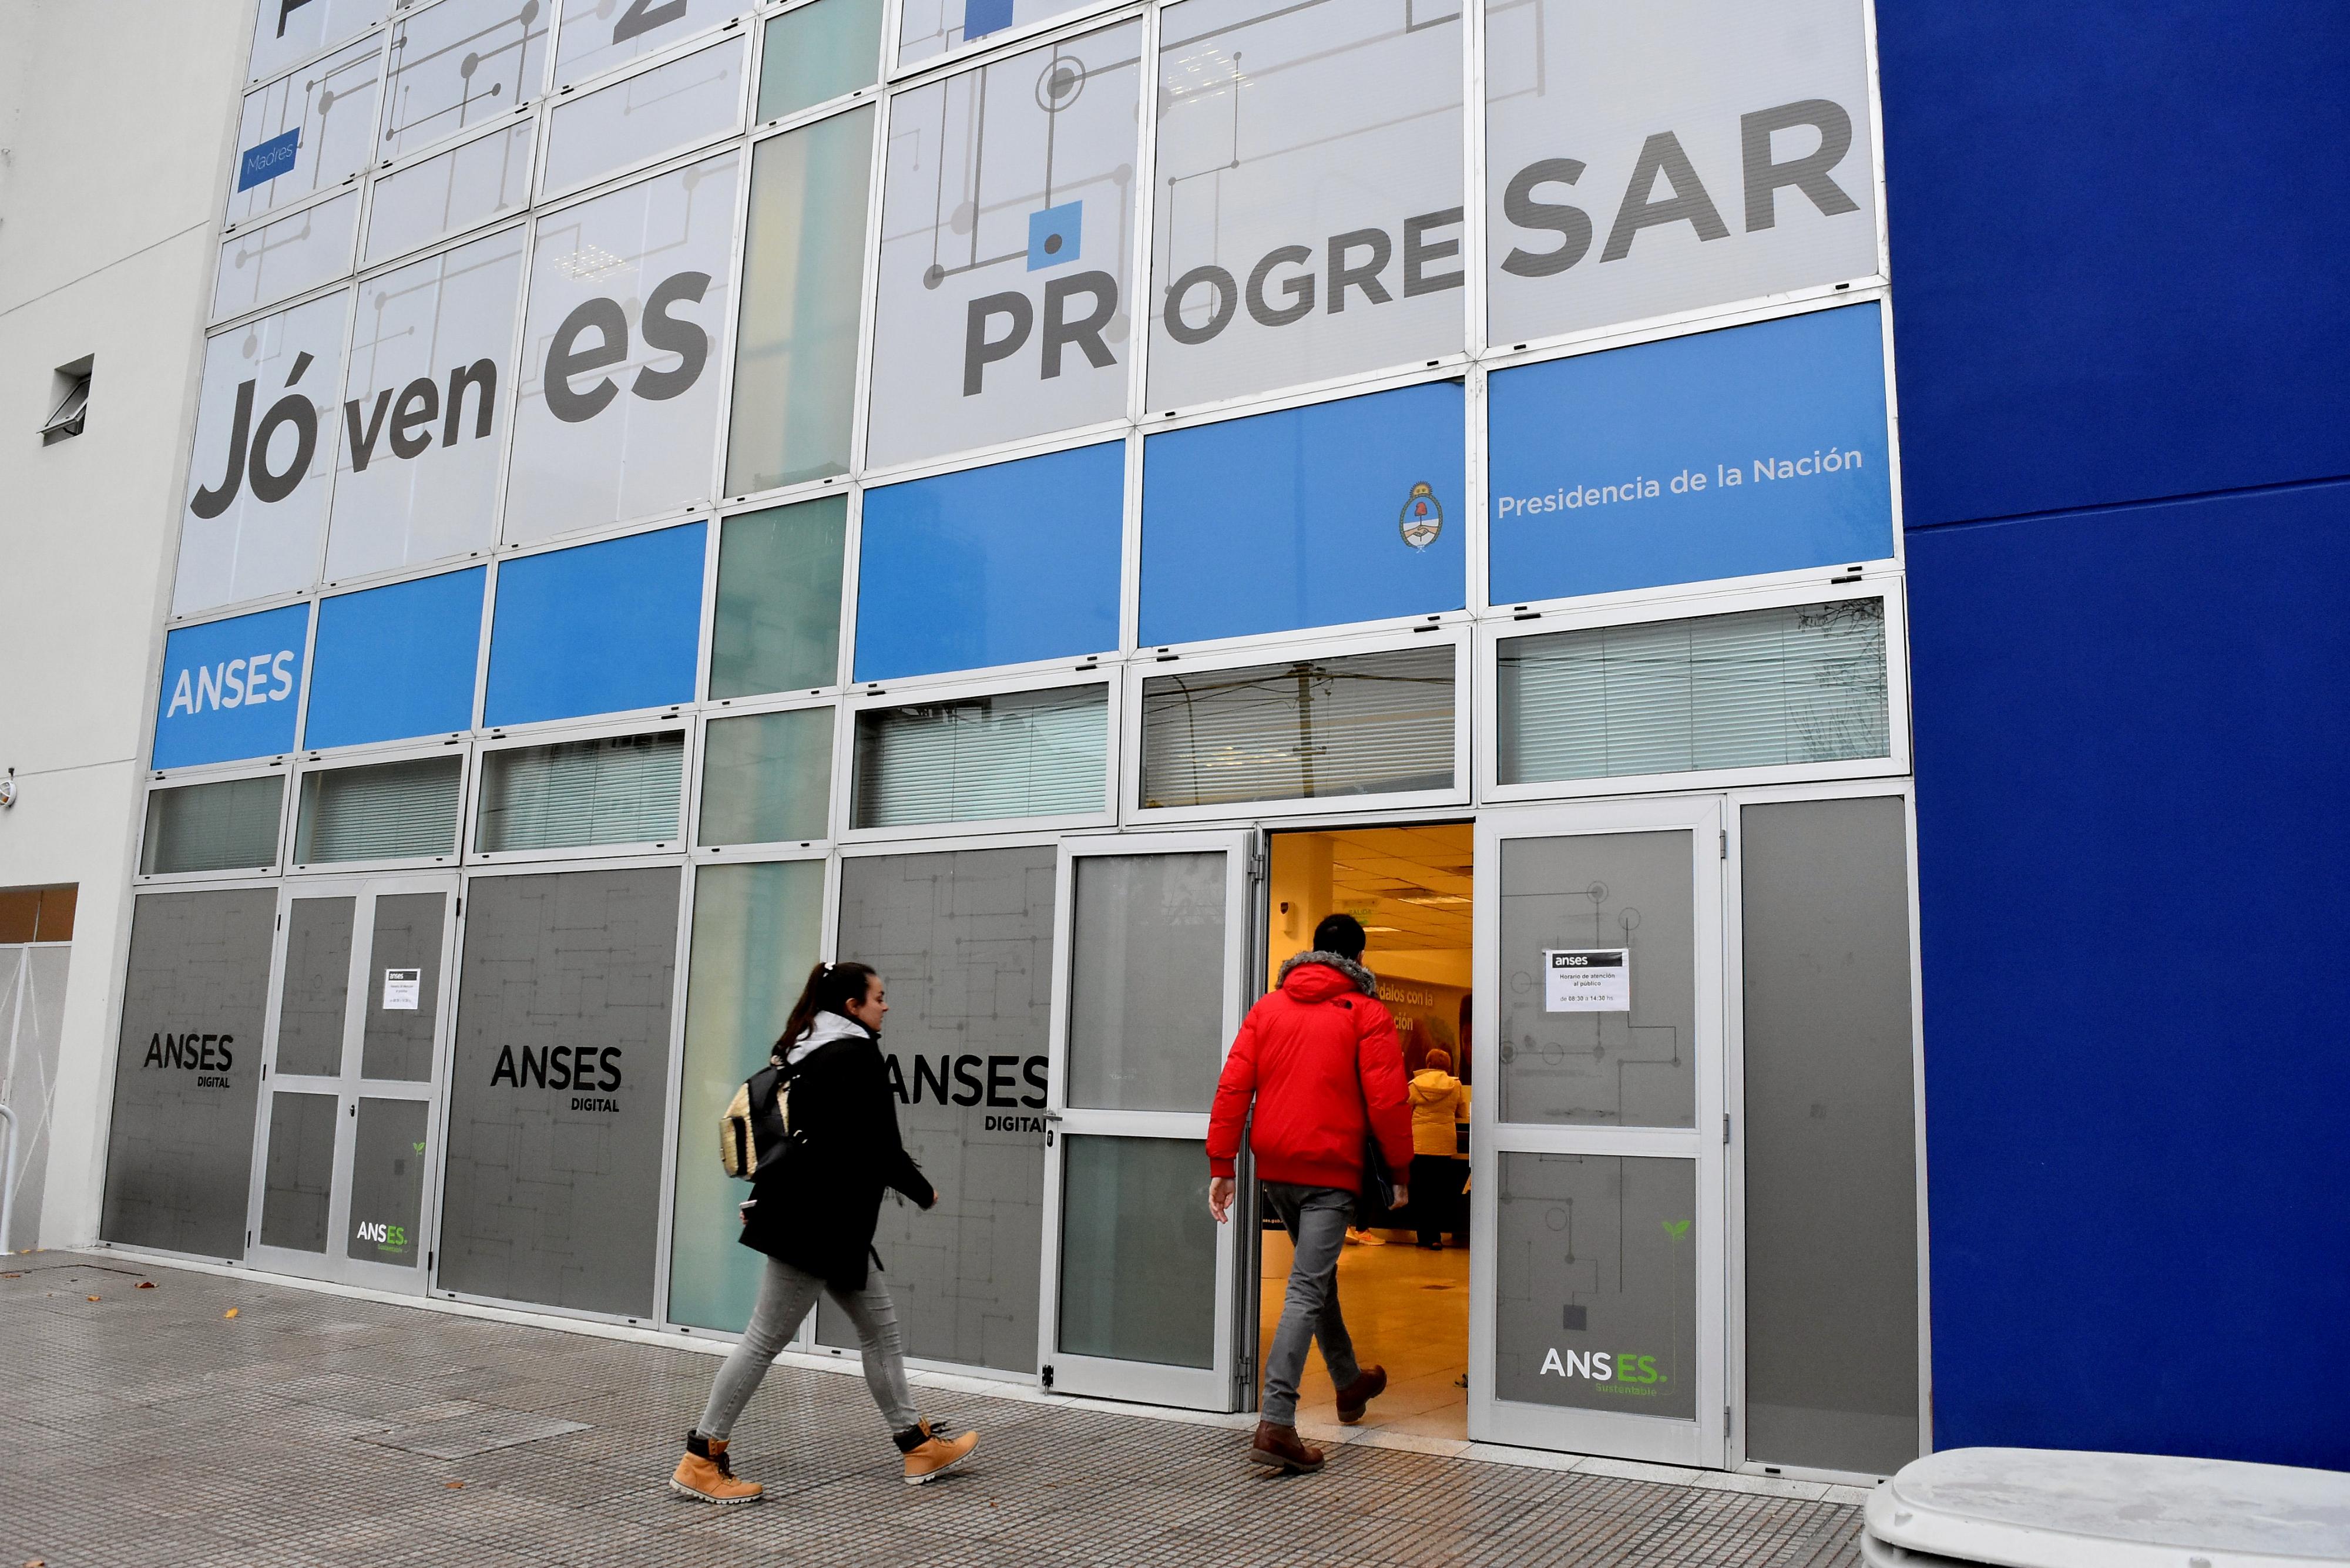 Causa Anses: rechazan el pedido de excarcelación de uno de los detenidos